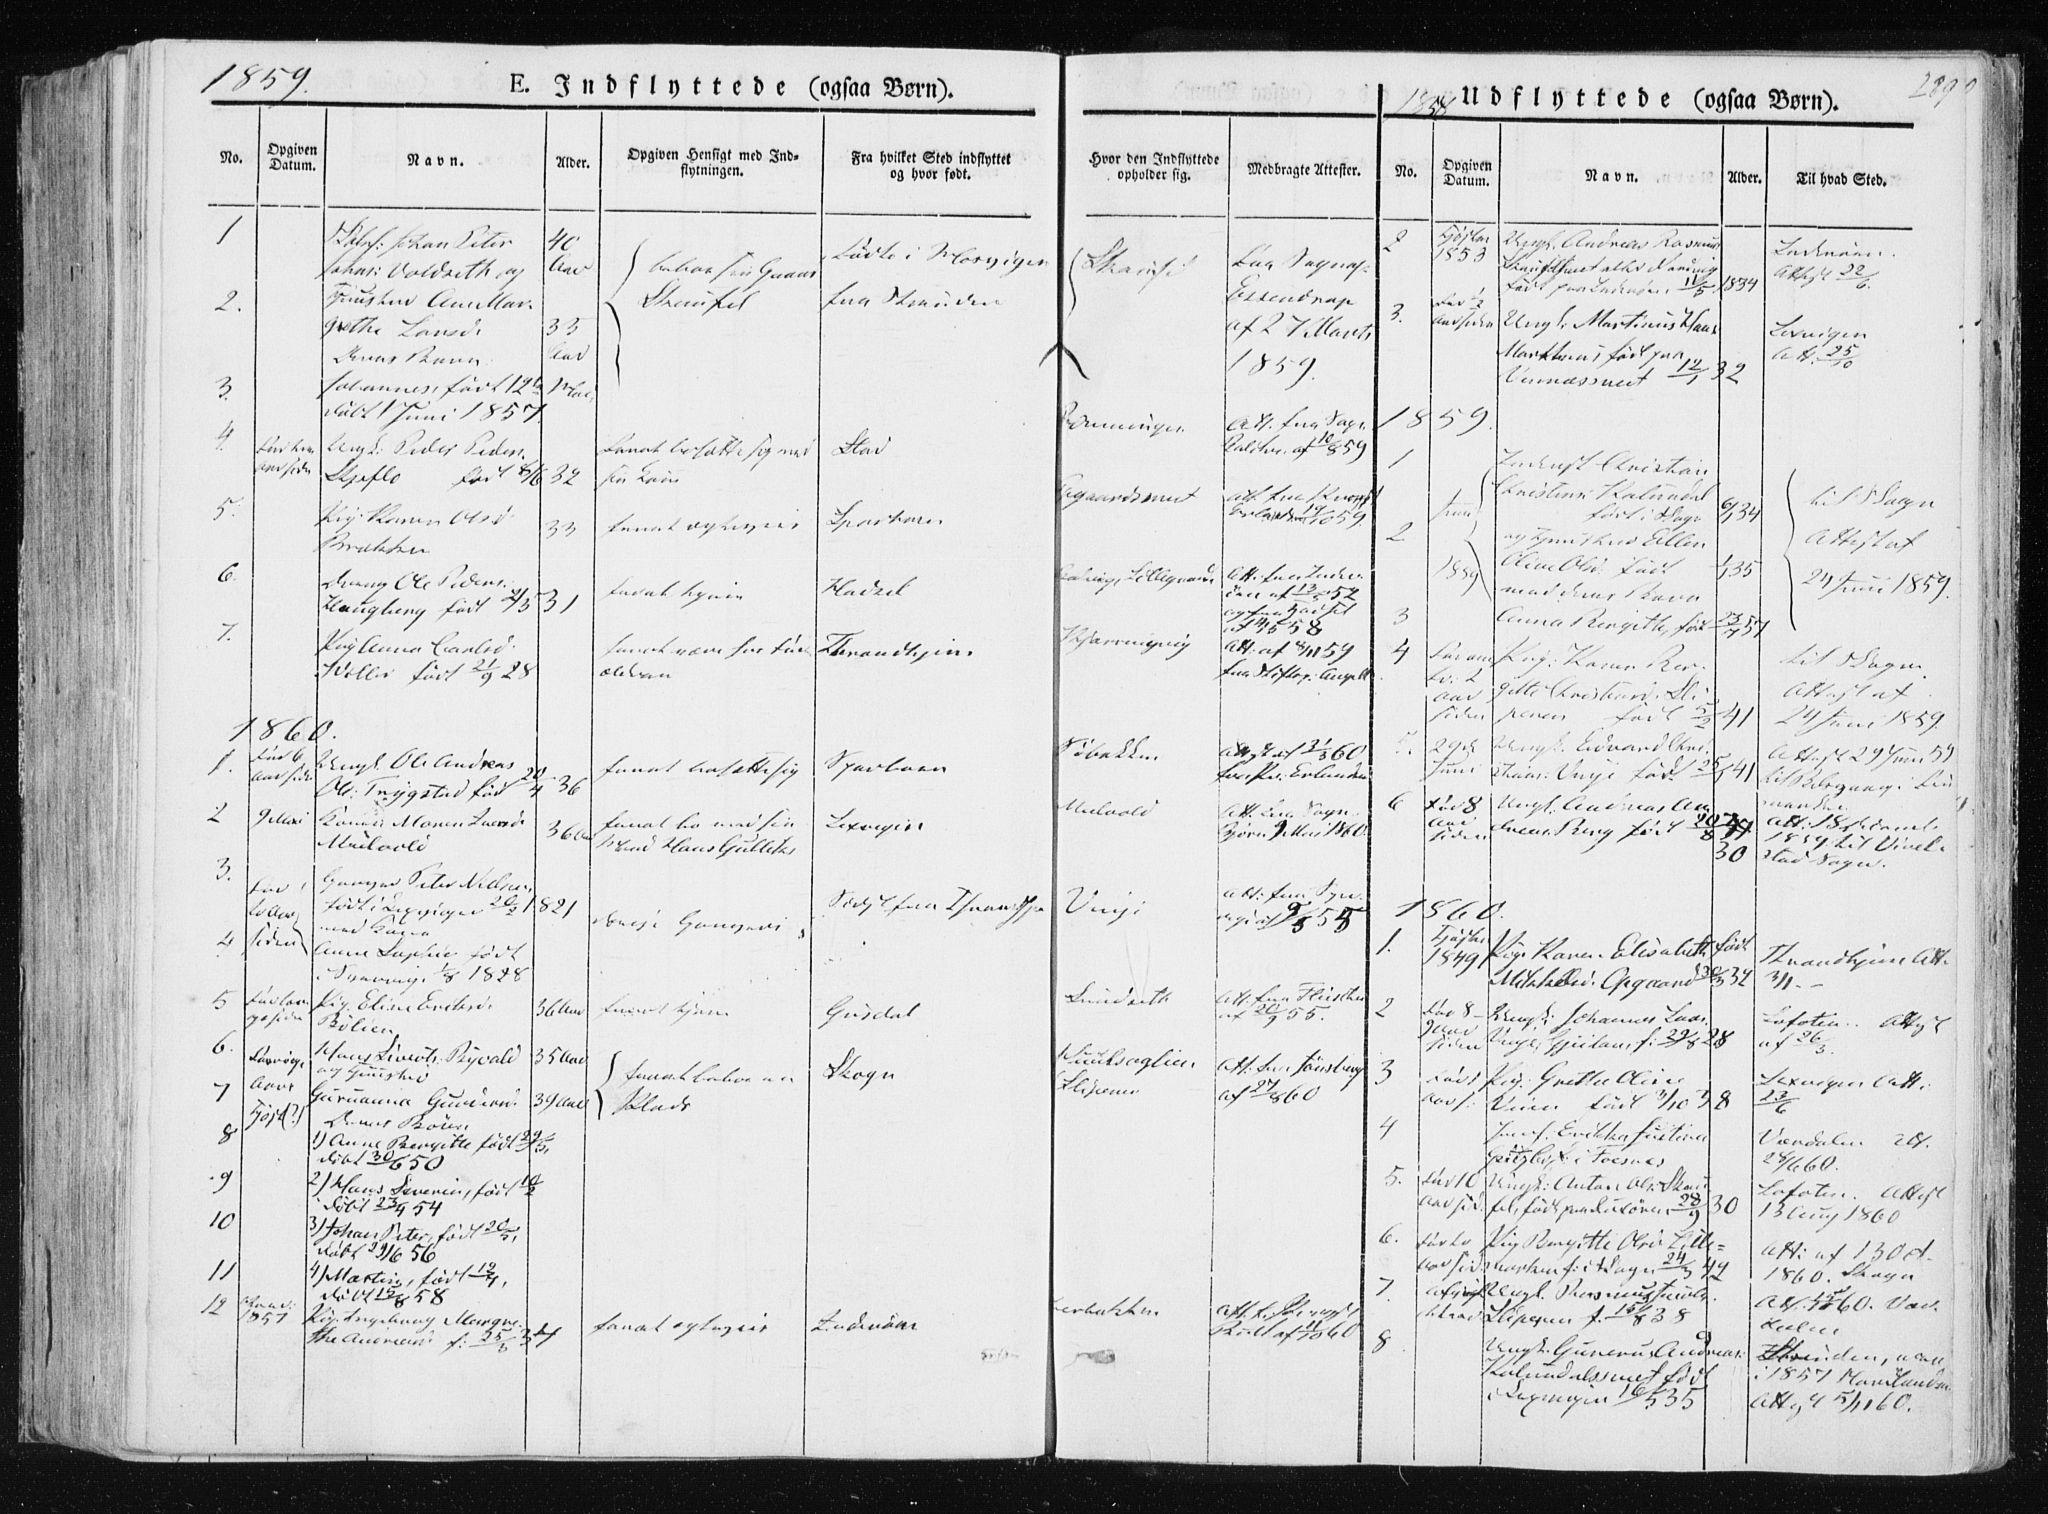 SAT, Ministerialprotokoller, klokkerbøker og fødselsregistre - Nord-Trøndelag, 733/L0323: Ministerialbok nr. 733A02, 1843-1870, s. 289